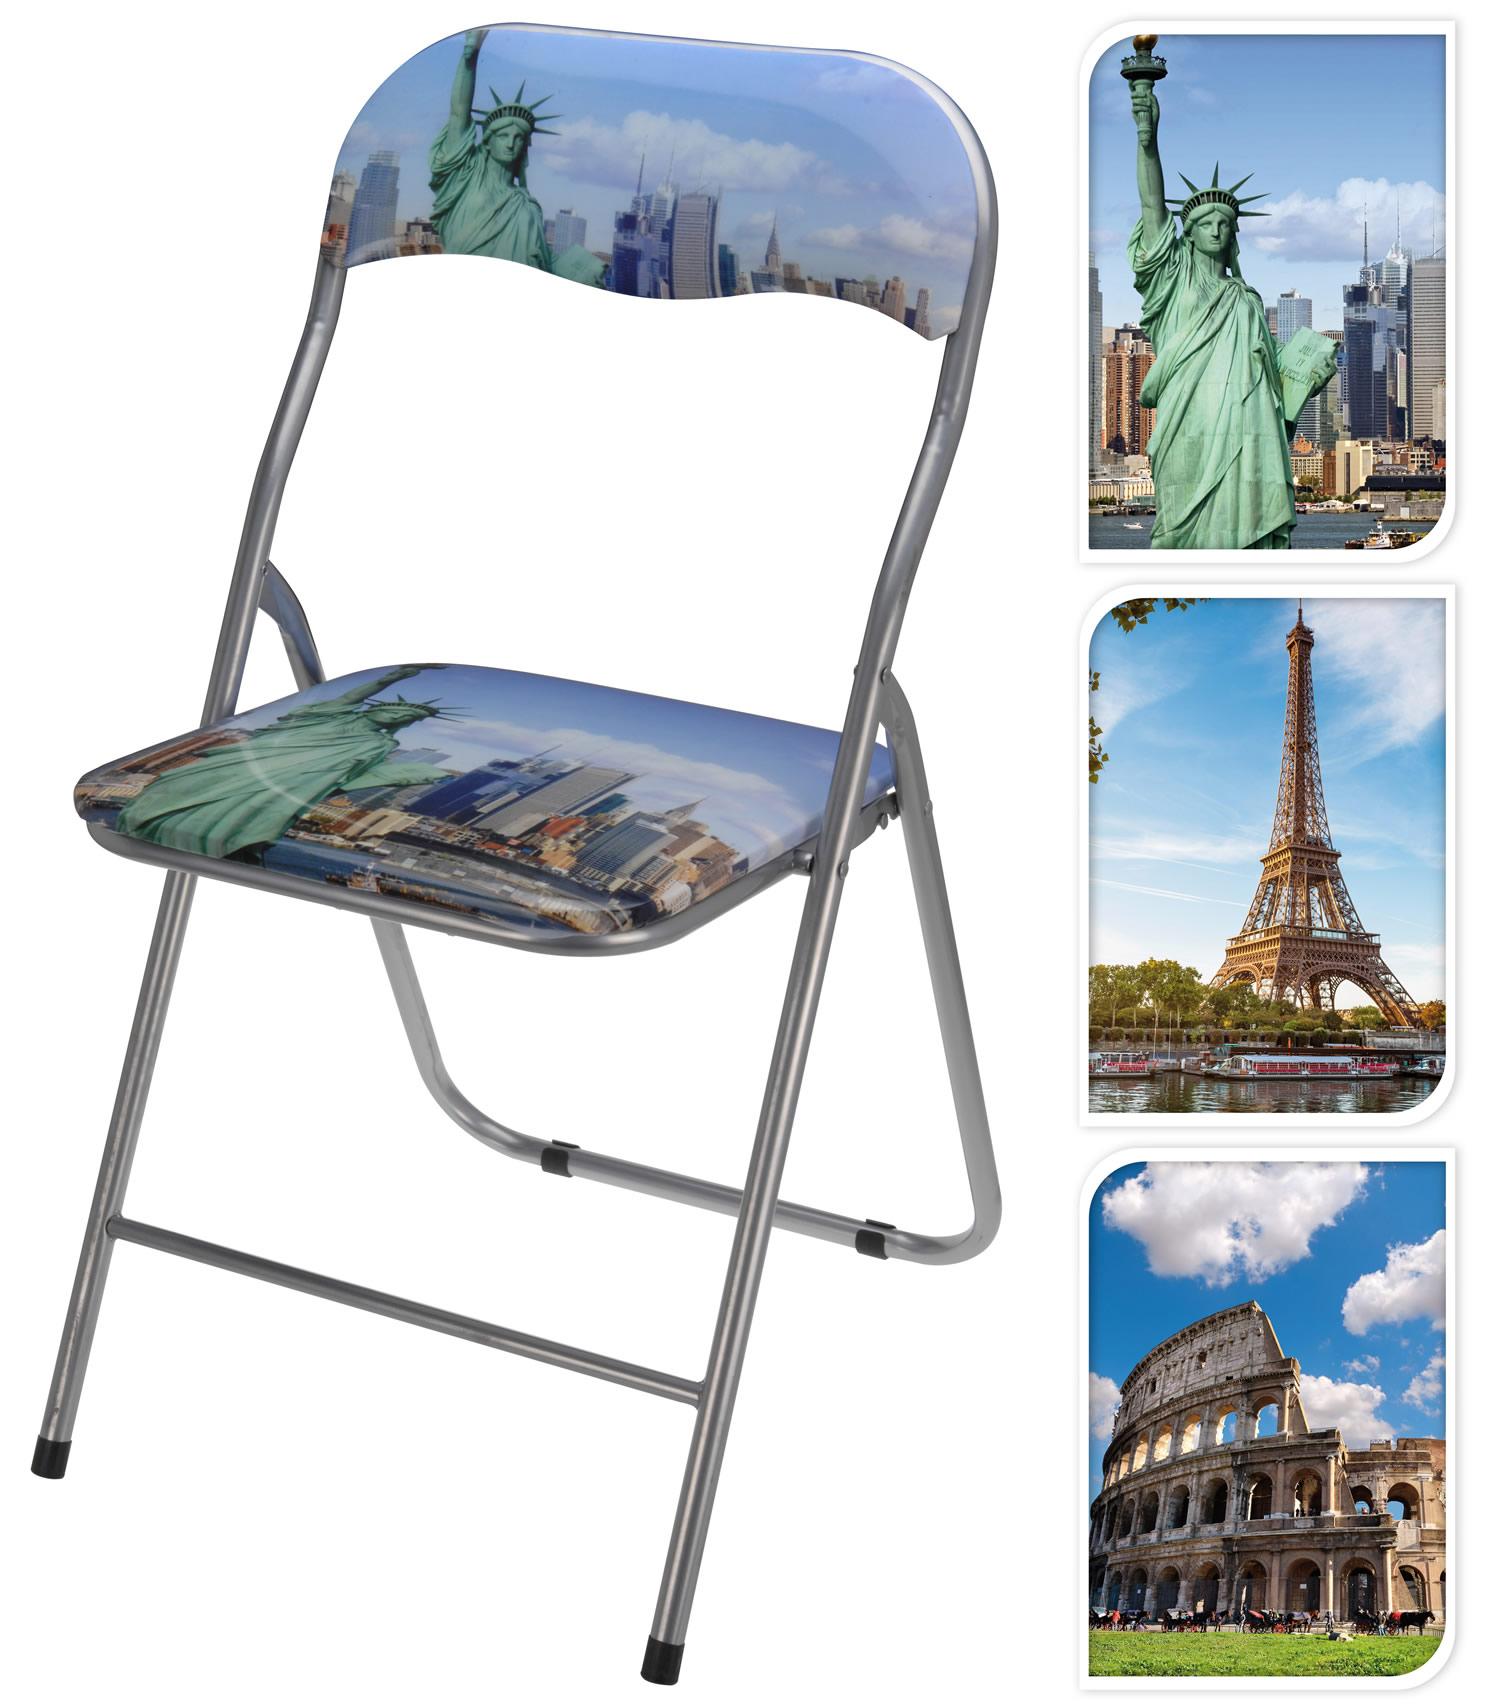 design klappstuhl besucherstuhl faltstuhl beistellstuhl. Black Bedroom Furniture Sets. Home Design Ideas